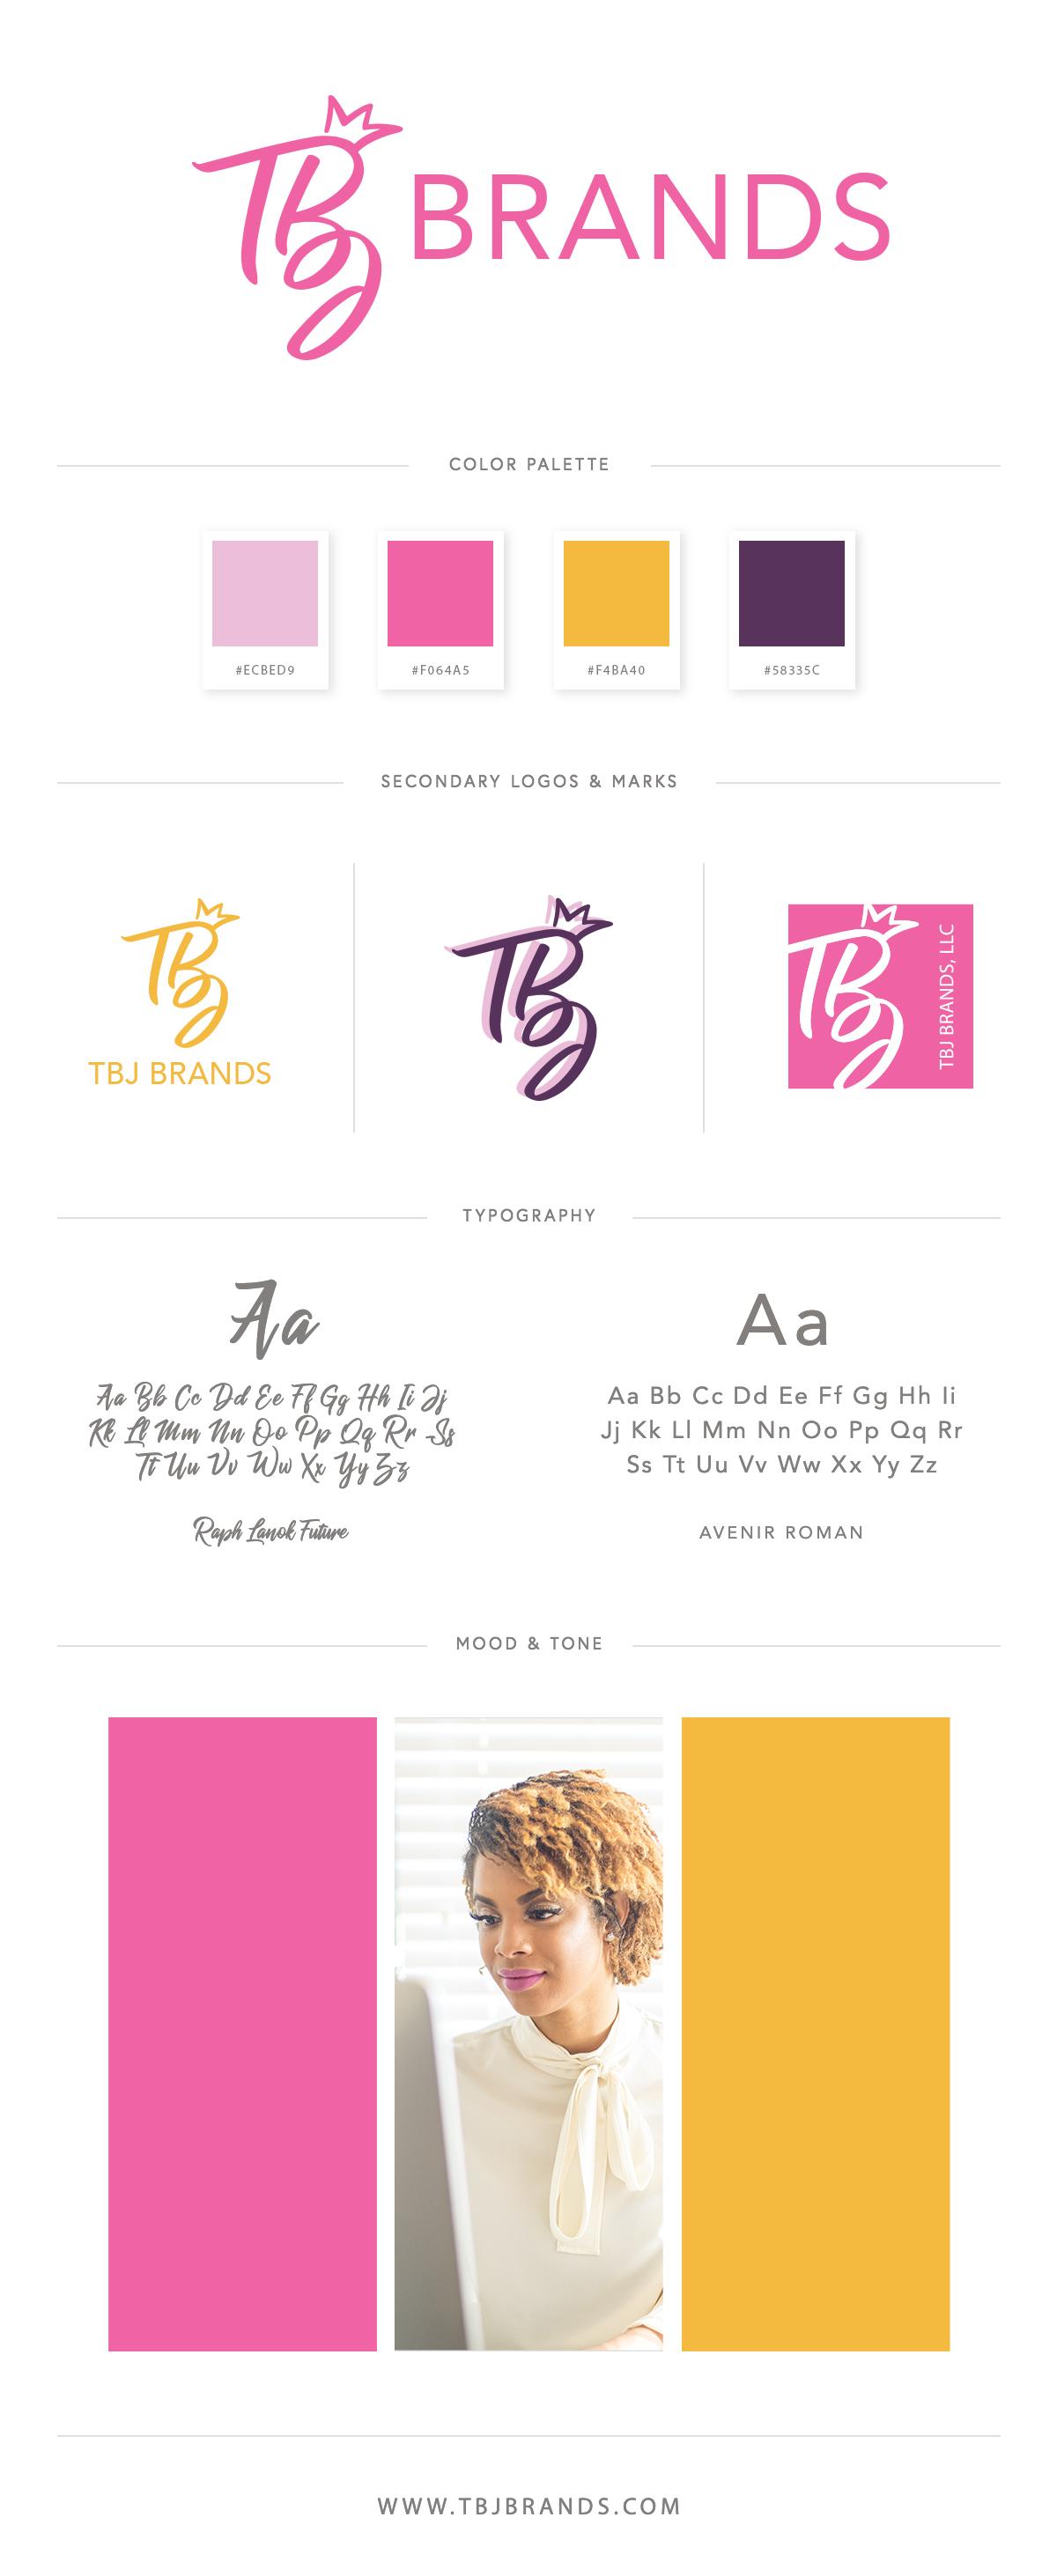 tbj-brands-brand-guide.jpg